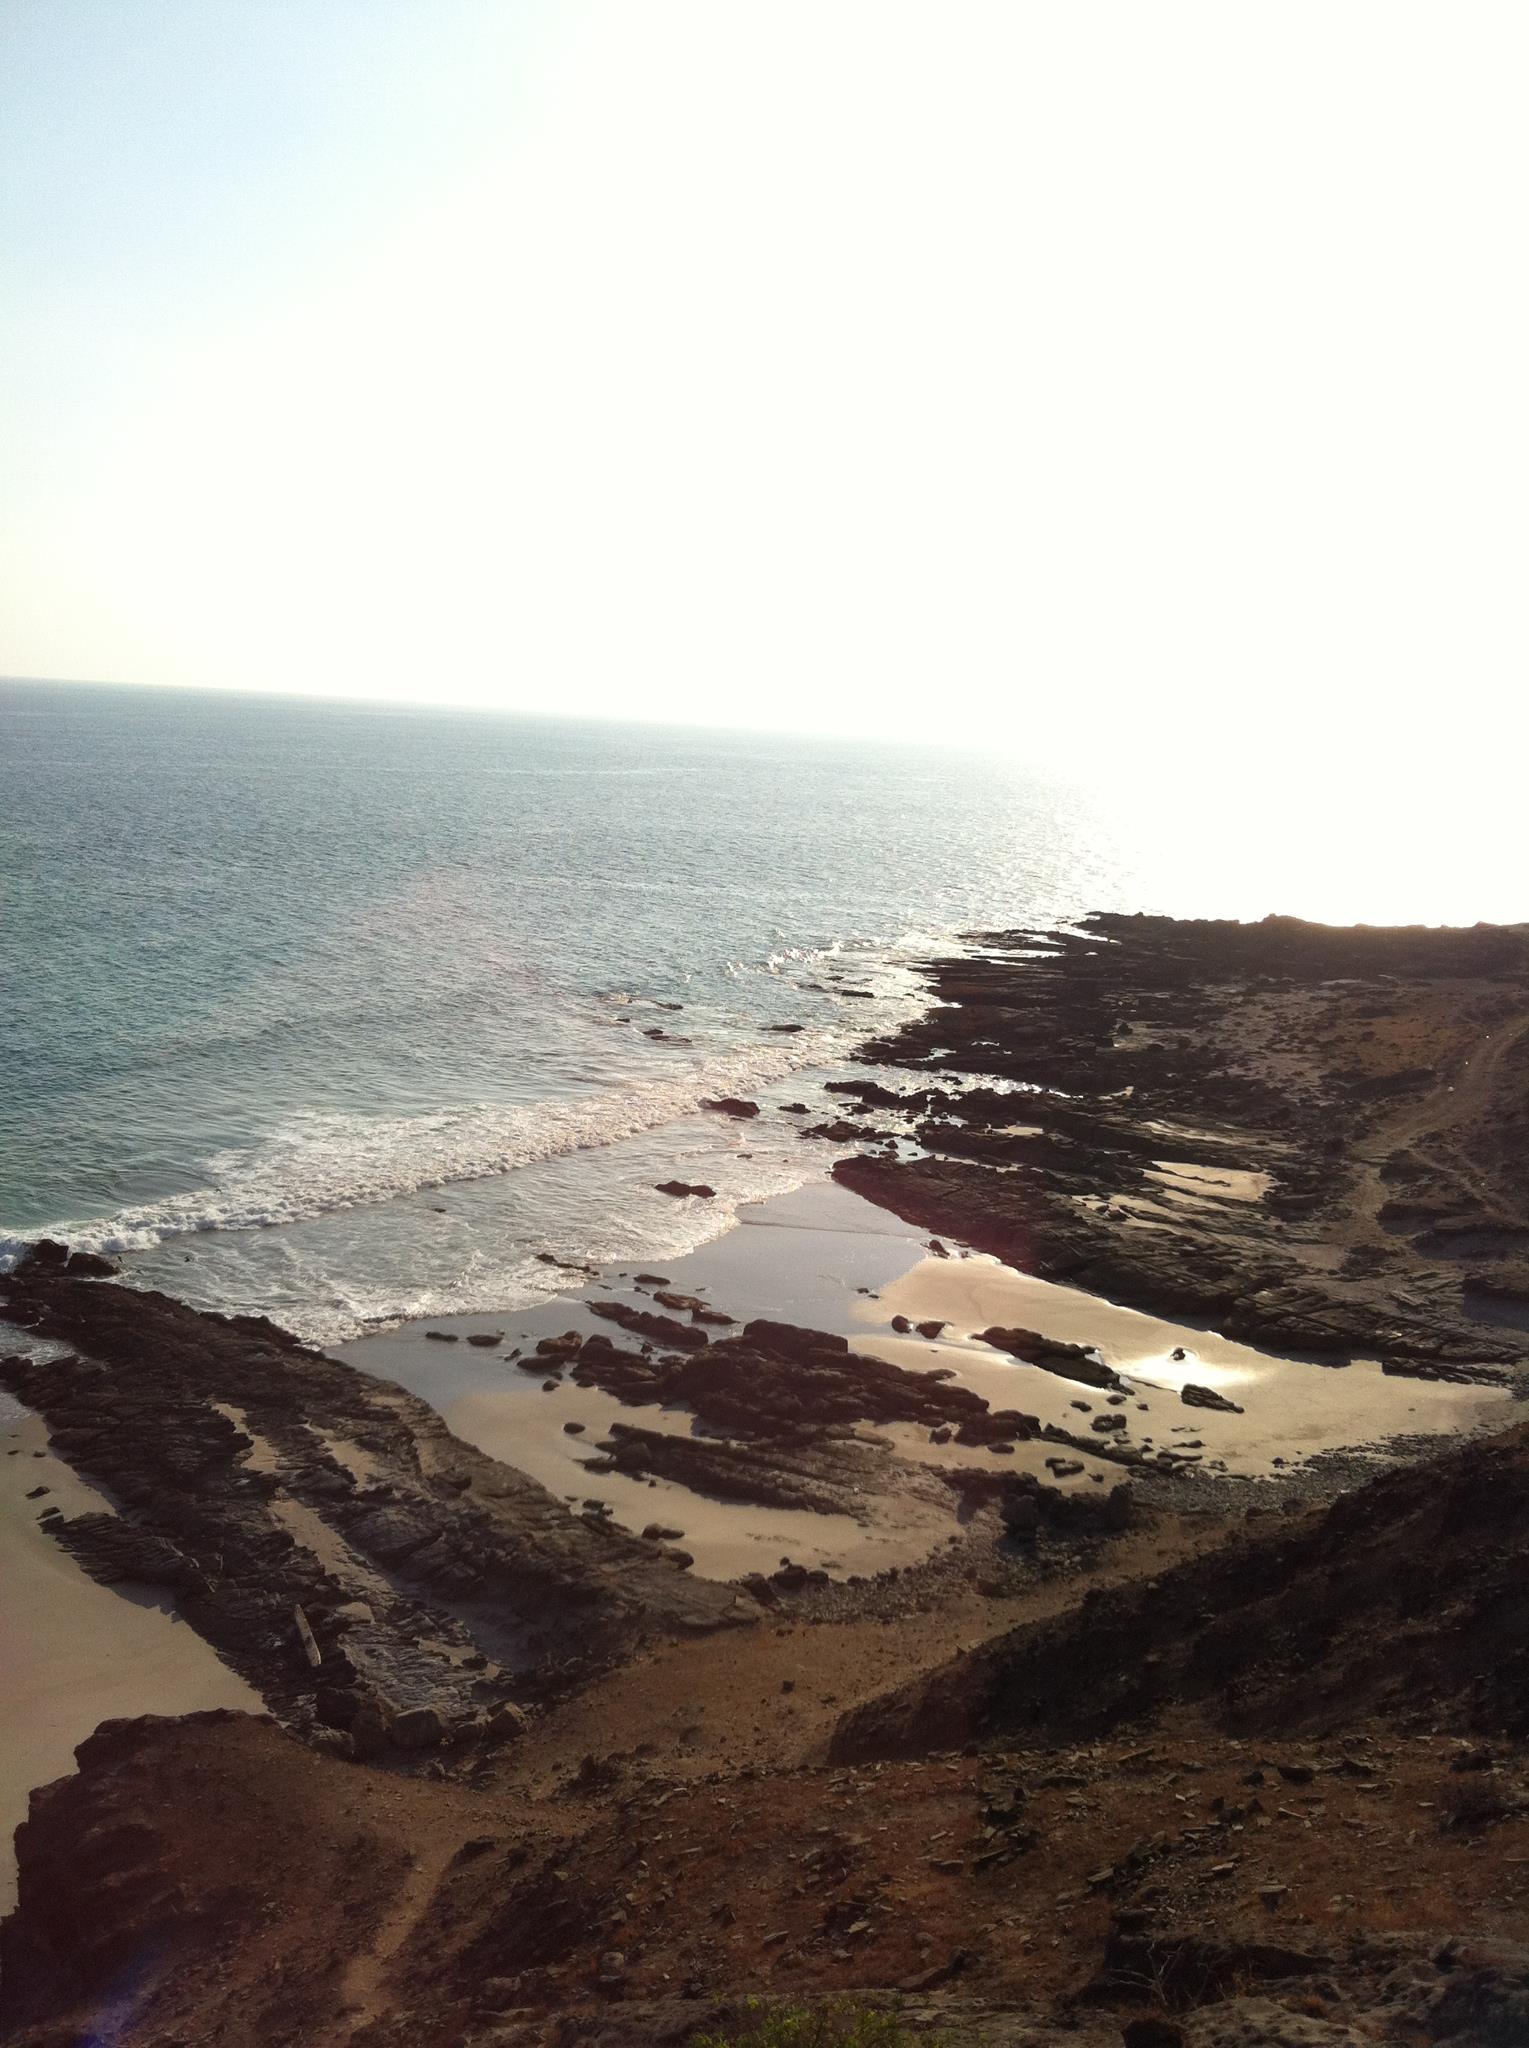 شاطئ الحوطة بولاية رخيوت Size:315.20 Kb Dim: 1529 x 2048